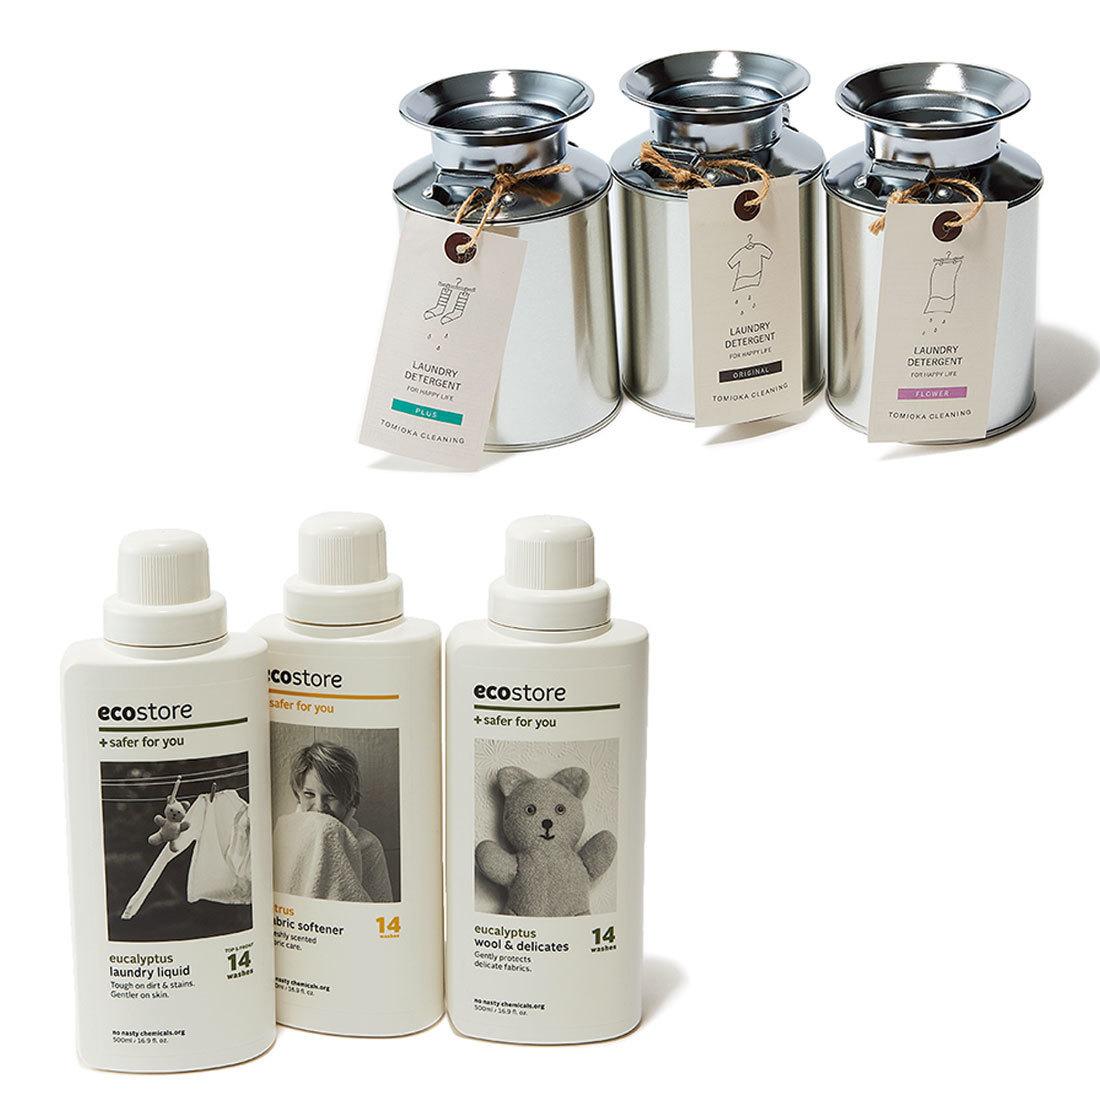 エコストアのナチュラル洗剤&とみおかクリーニングのミルク缶粉洗剤